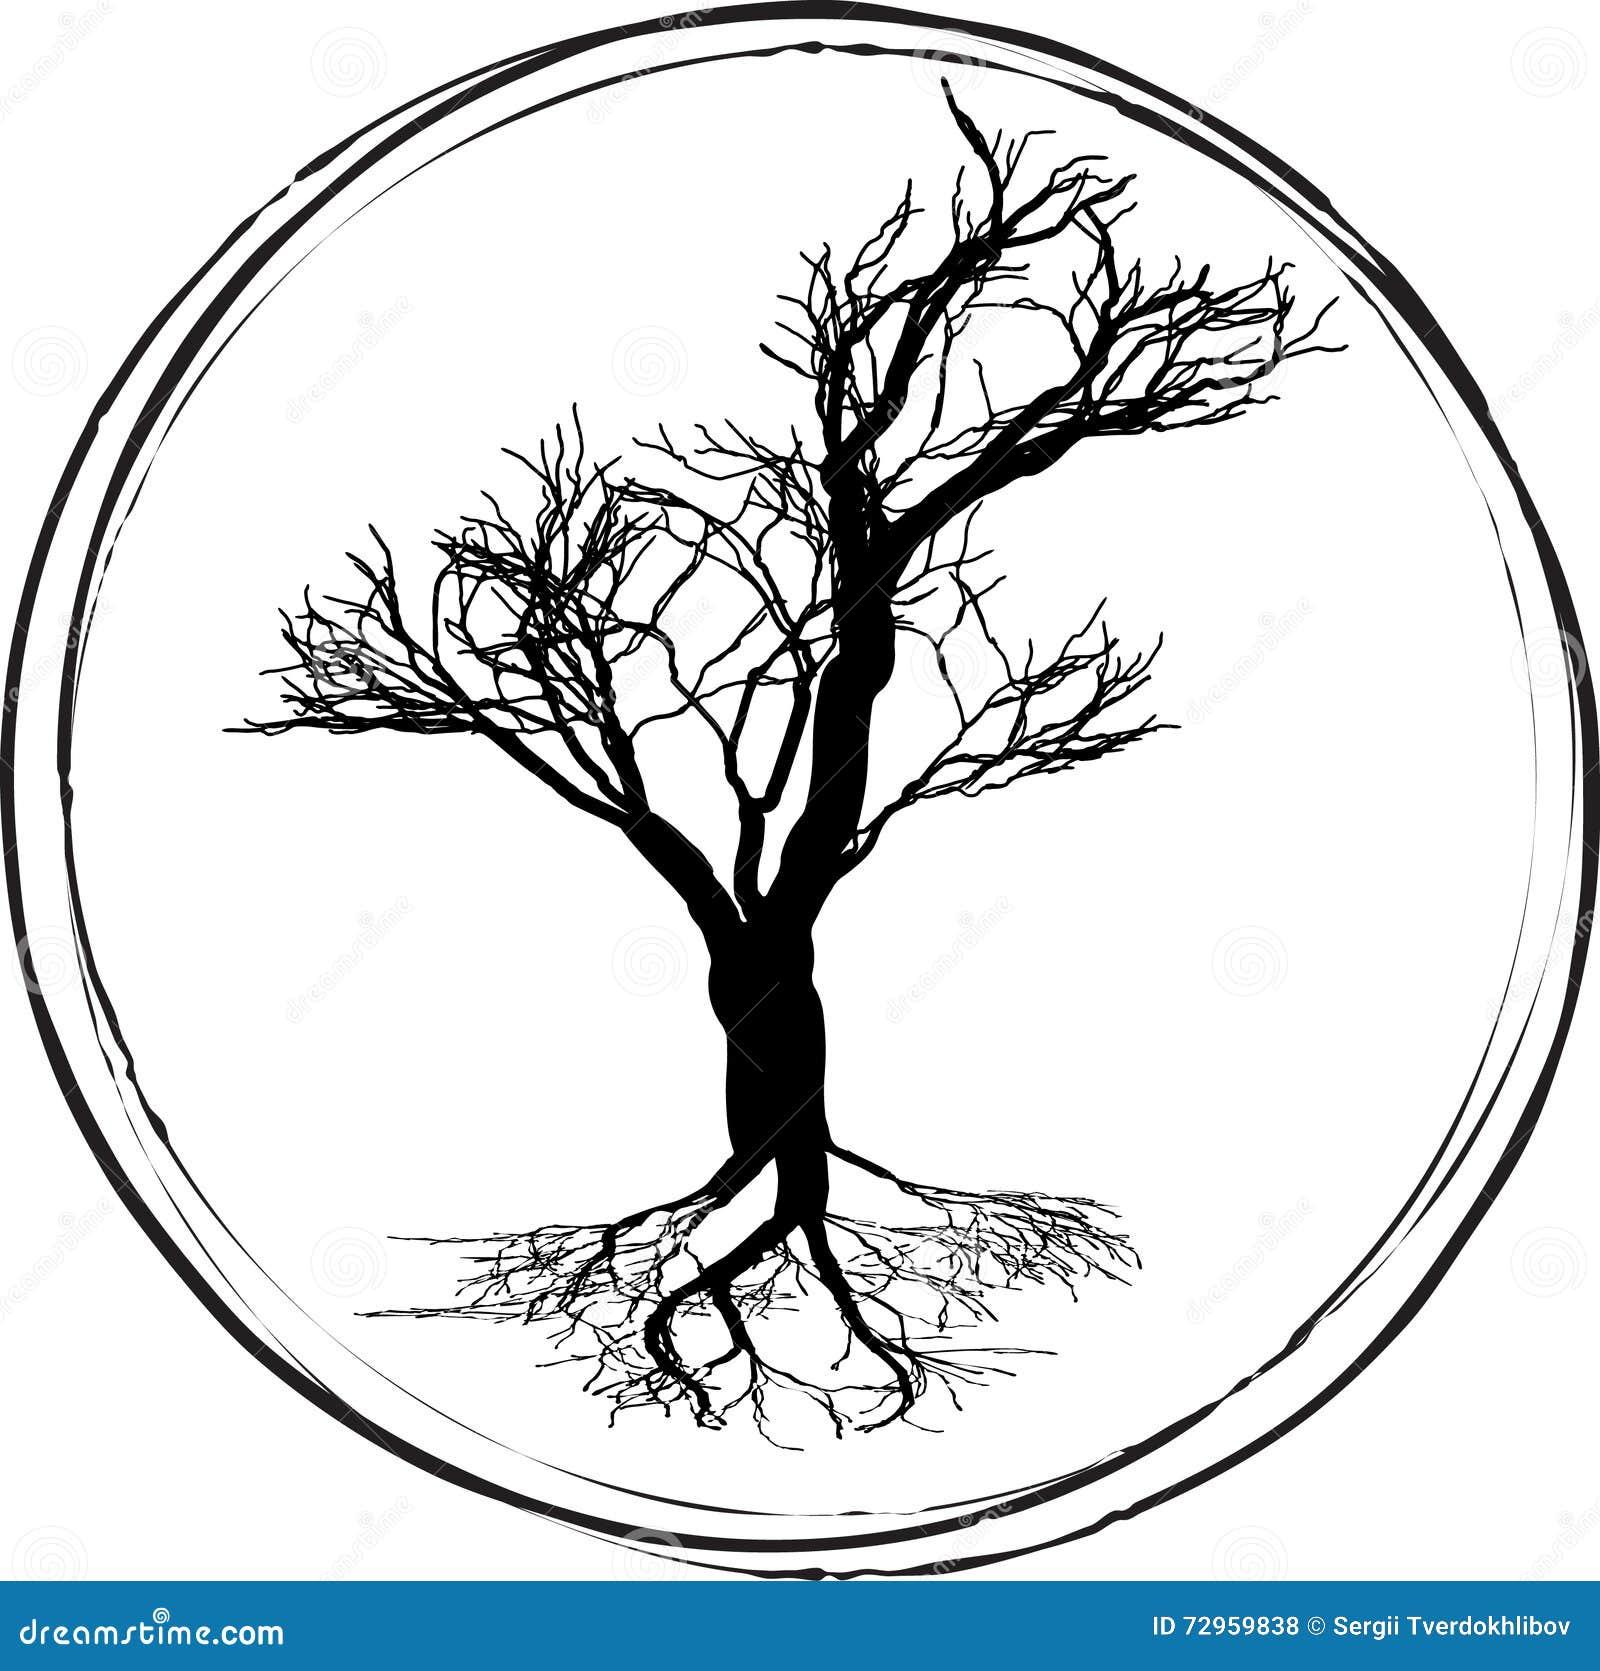 Dessin noir et blanc d 39 arbre feuilles caduques - Dessin animaux noir et blanc ...